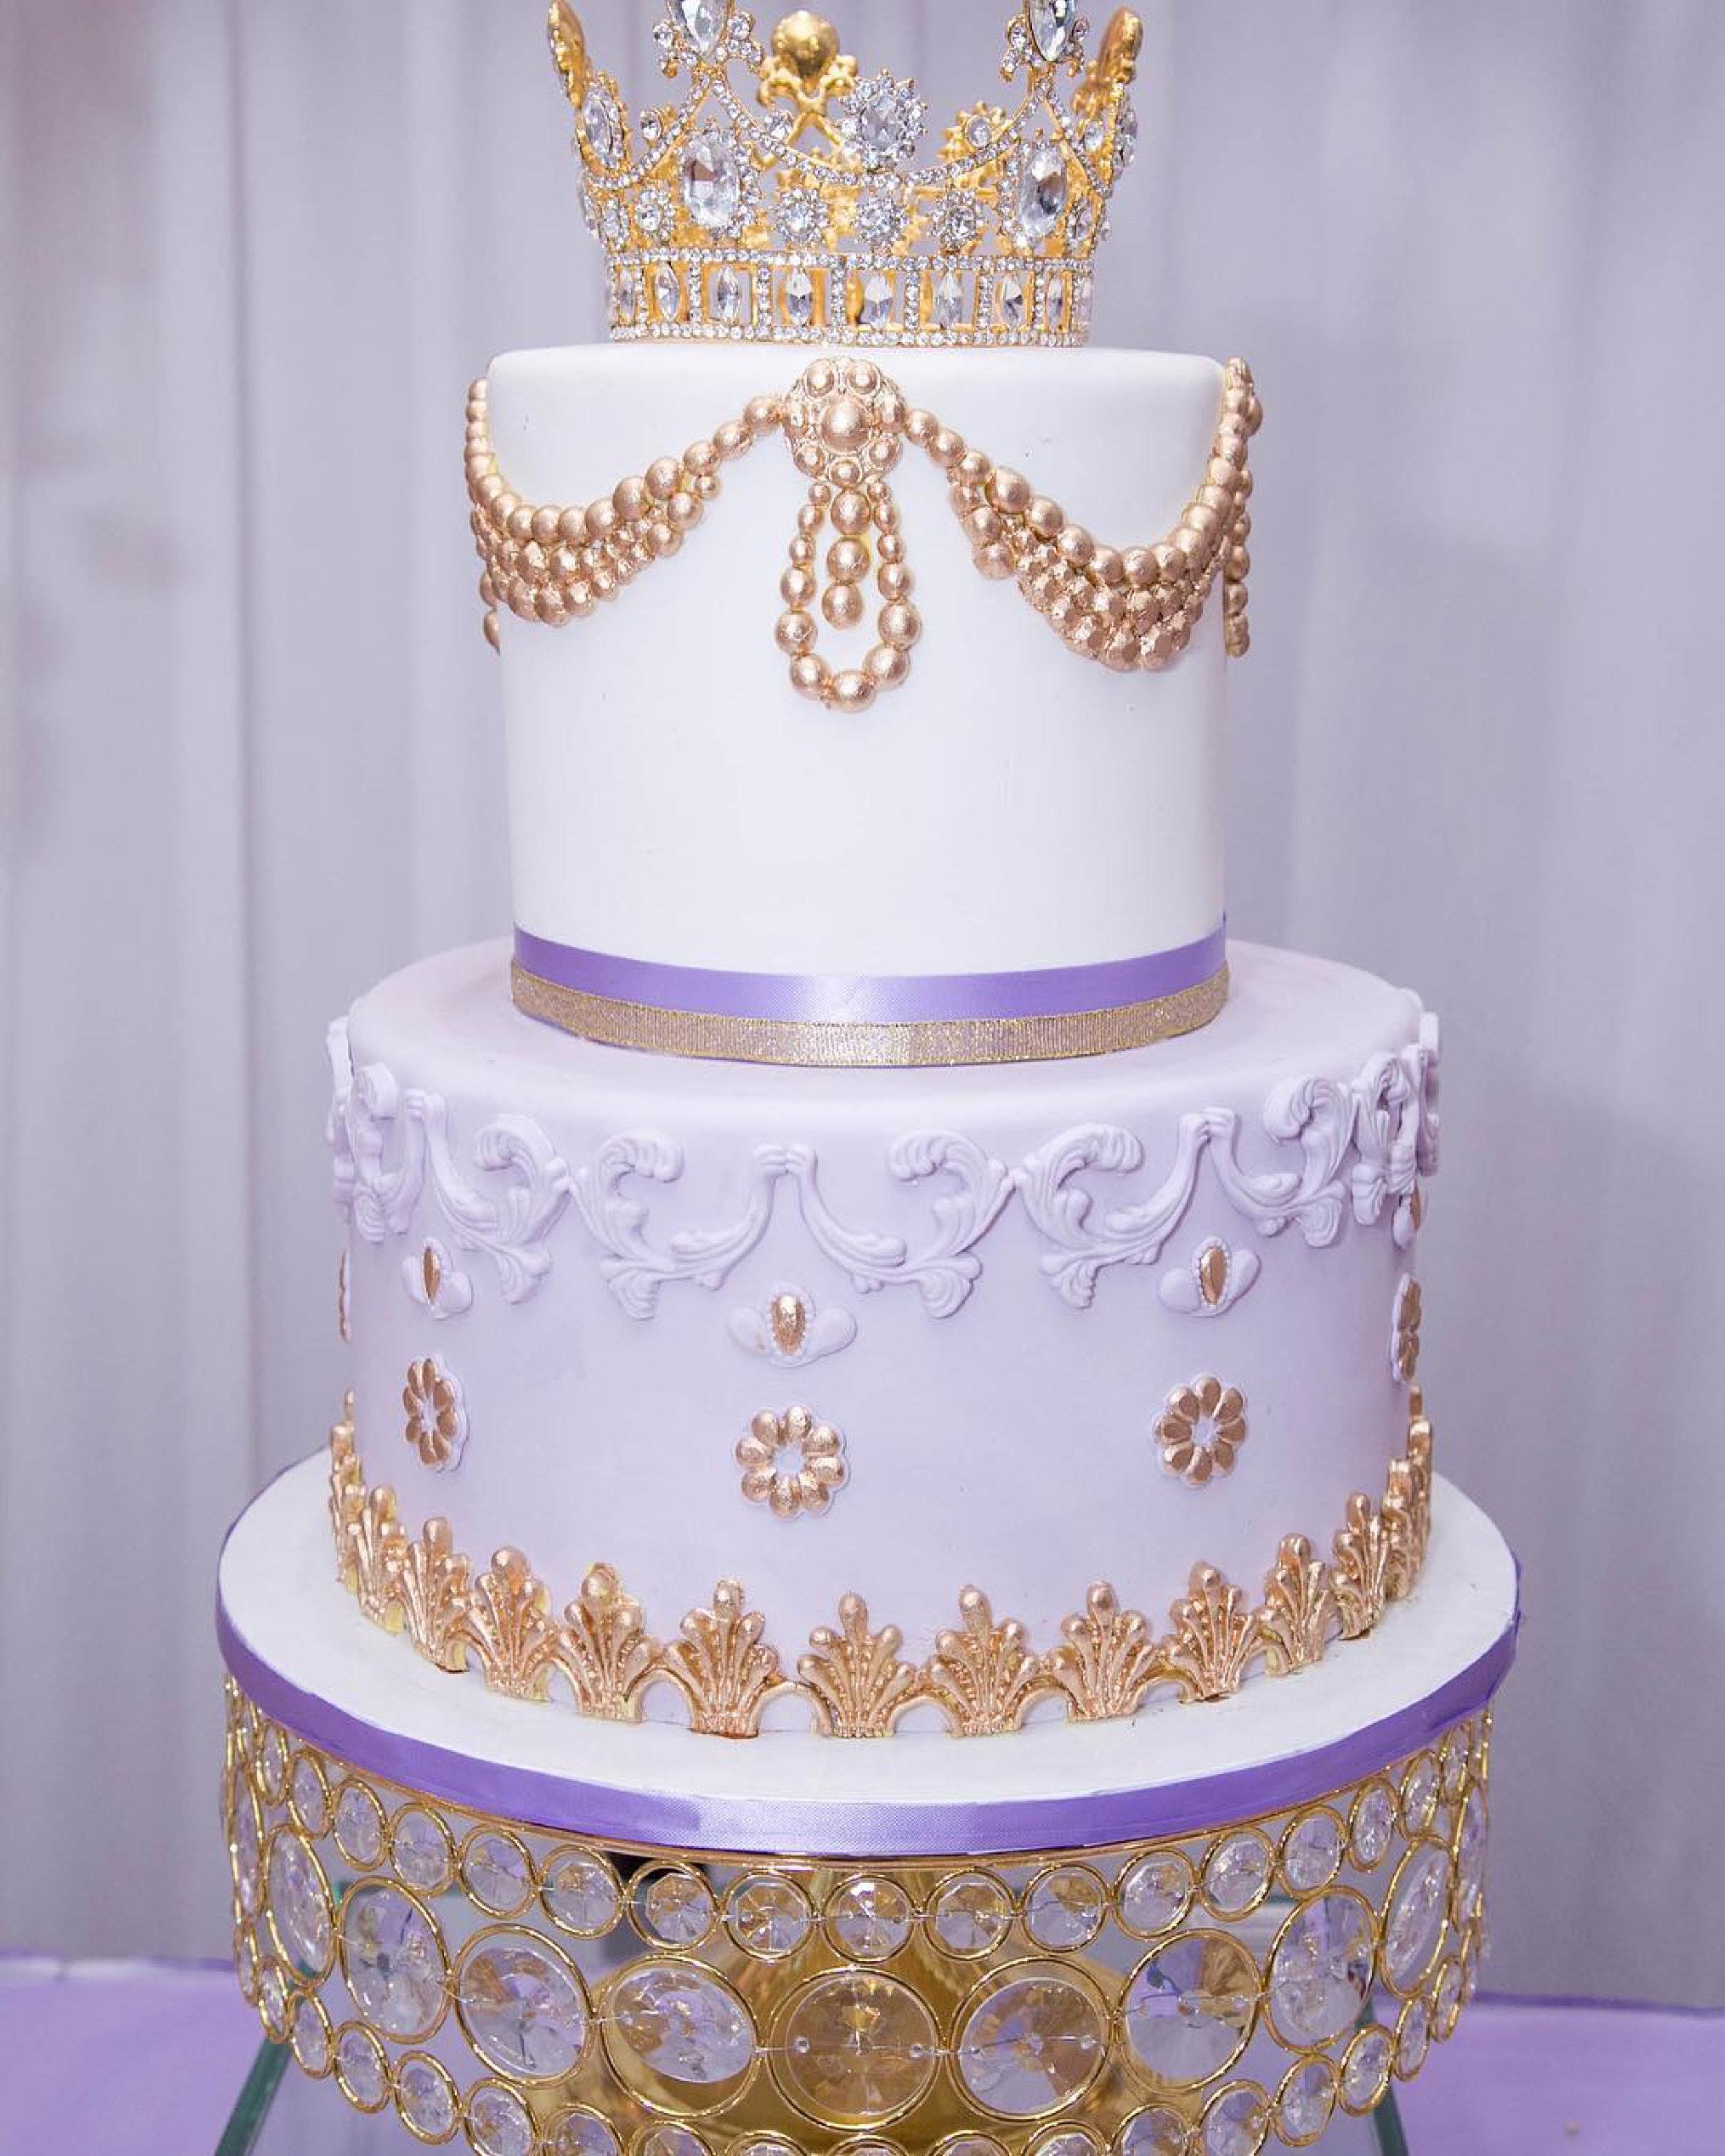 shiny gold bling dessert stand.jpg